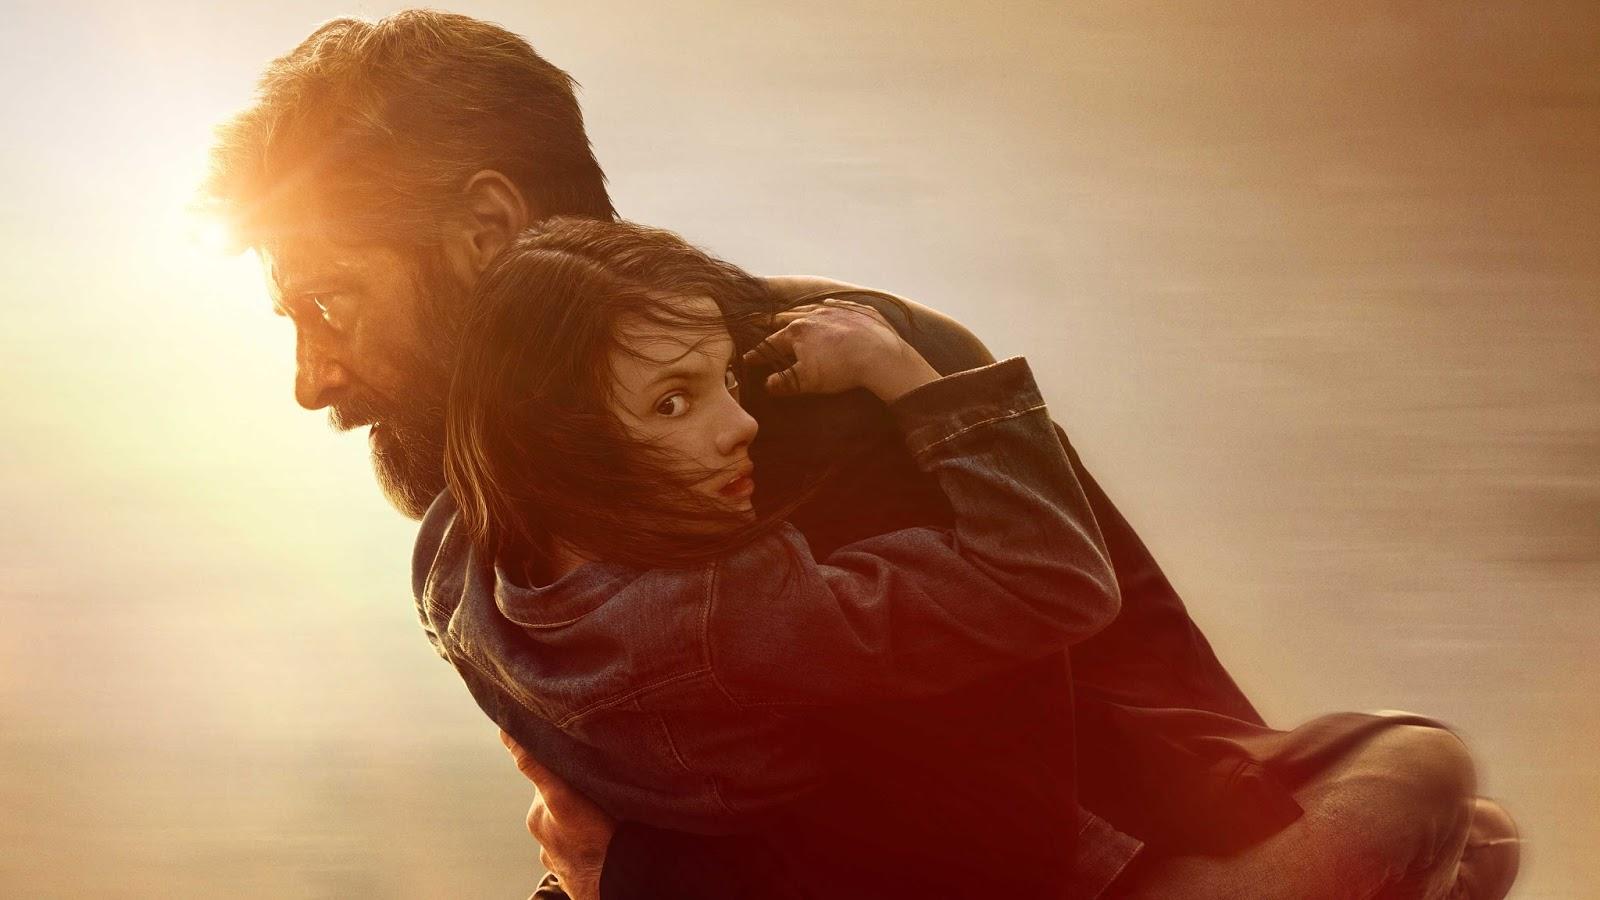 Logan | Wolverine e X-23 em imagens inéditas da última aventura do mutante